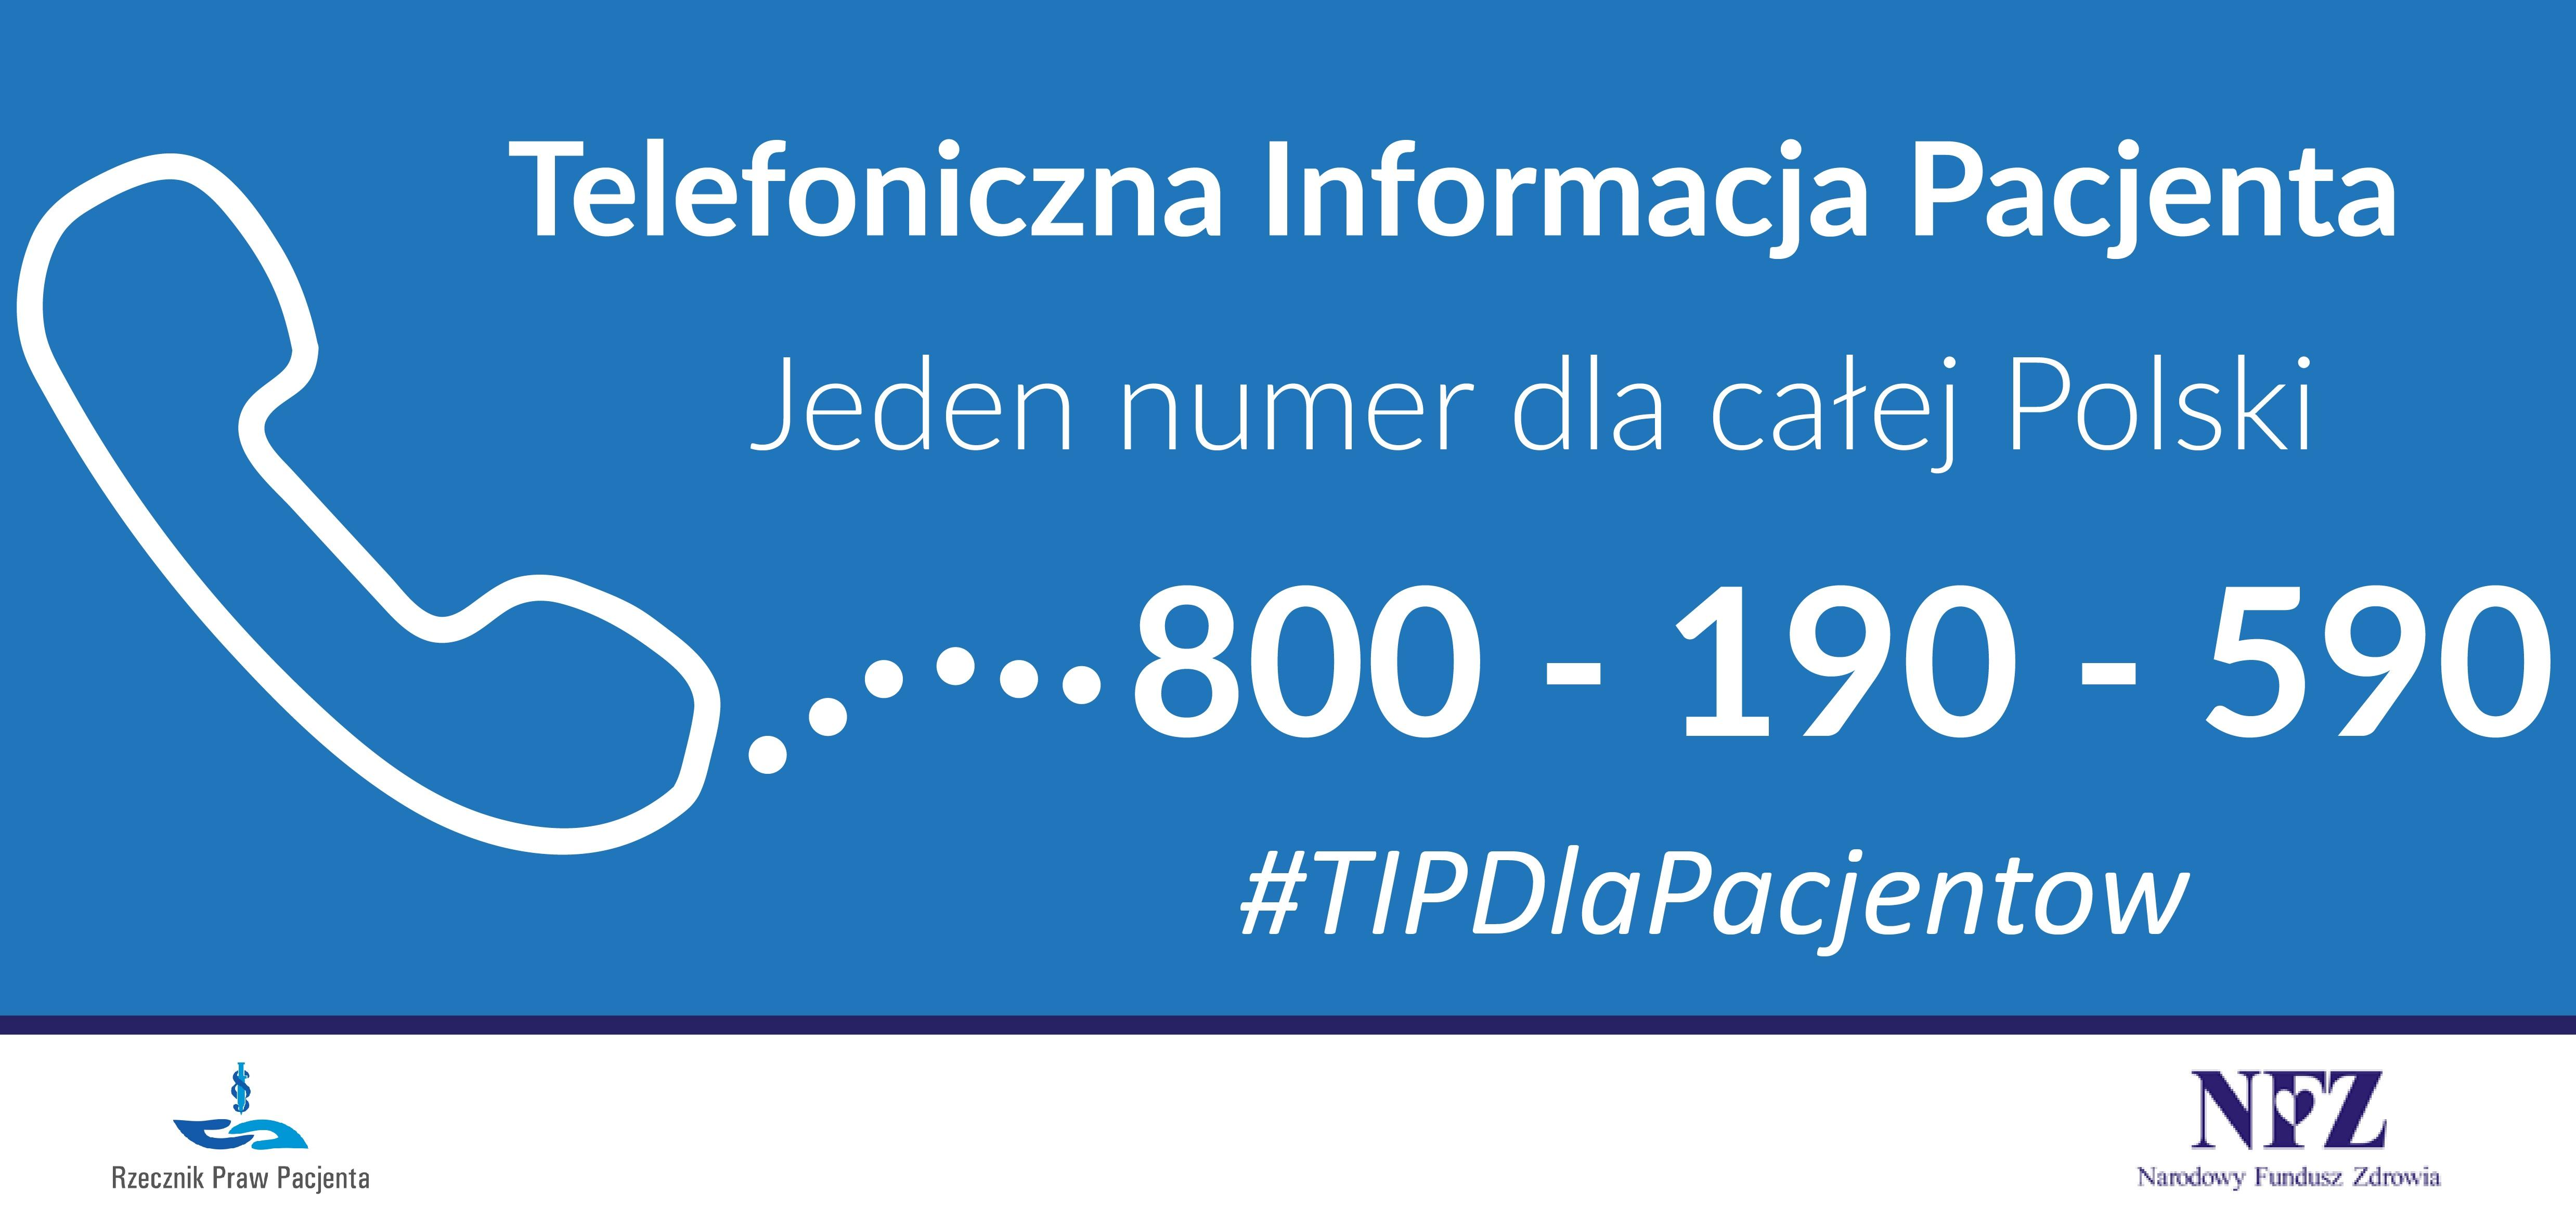 Photo of 800 190 590 – Telefoniczna Informacja Pacjenta